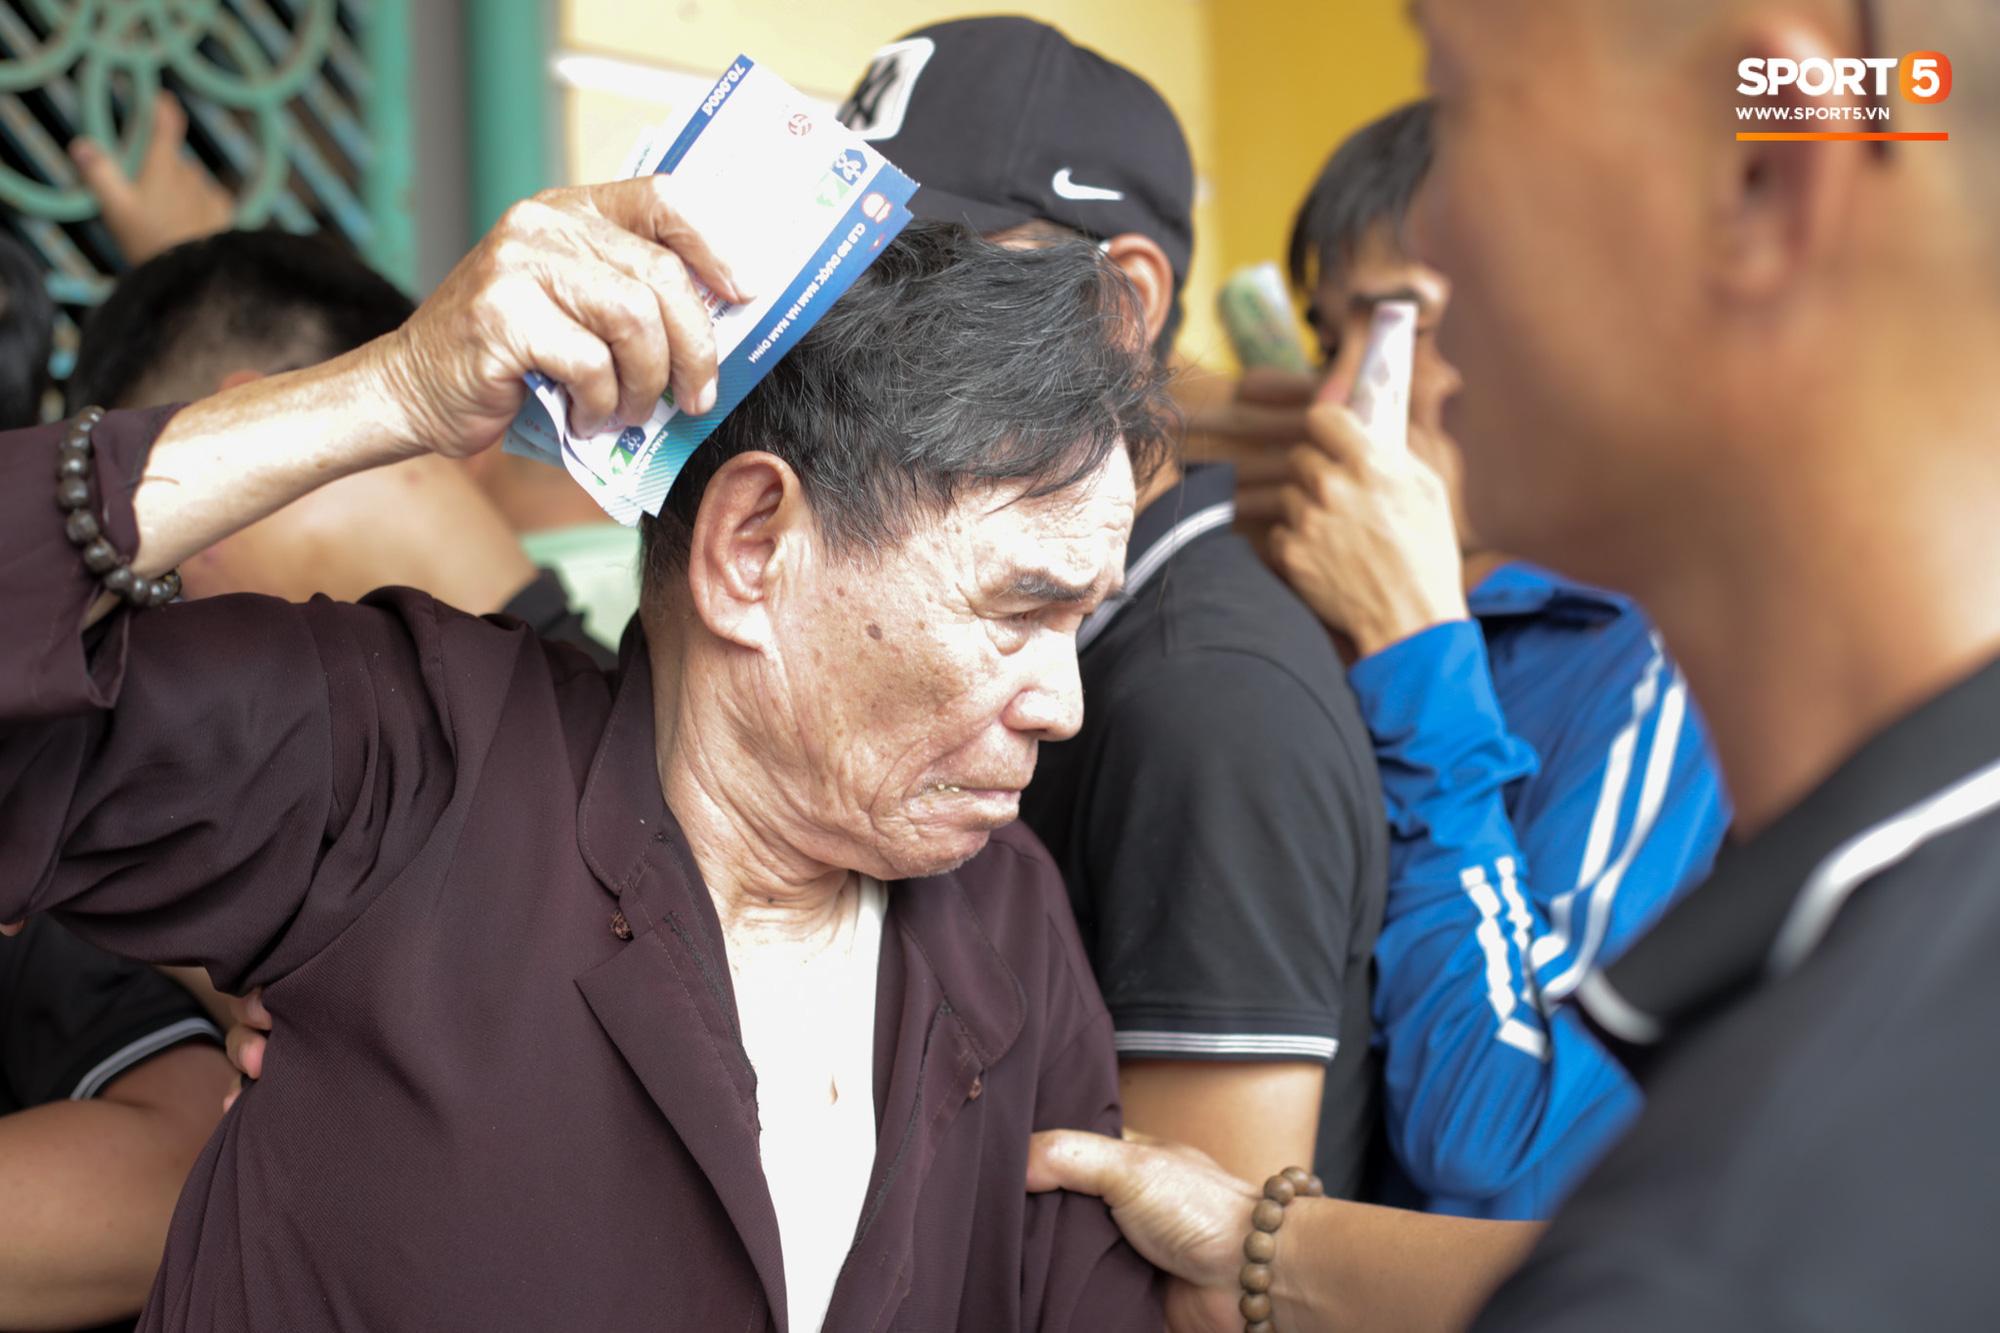 Chen nhau nghẹt thở mua vé xem bóng đá ở Nam Định, dân phe Hà Nội cũng đổ về thu gom - Ảnh 11.